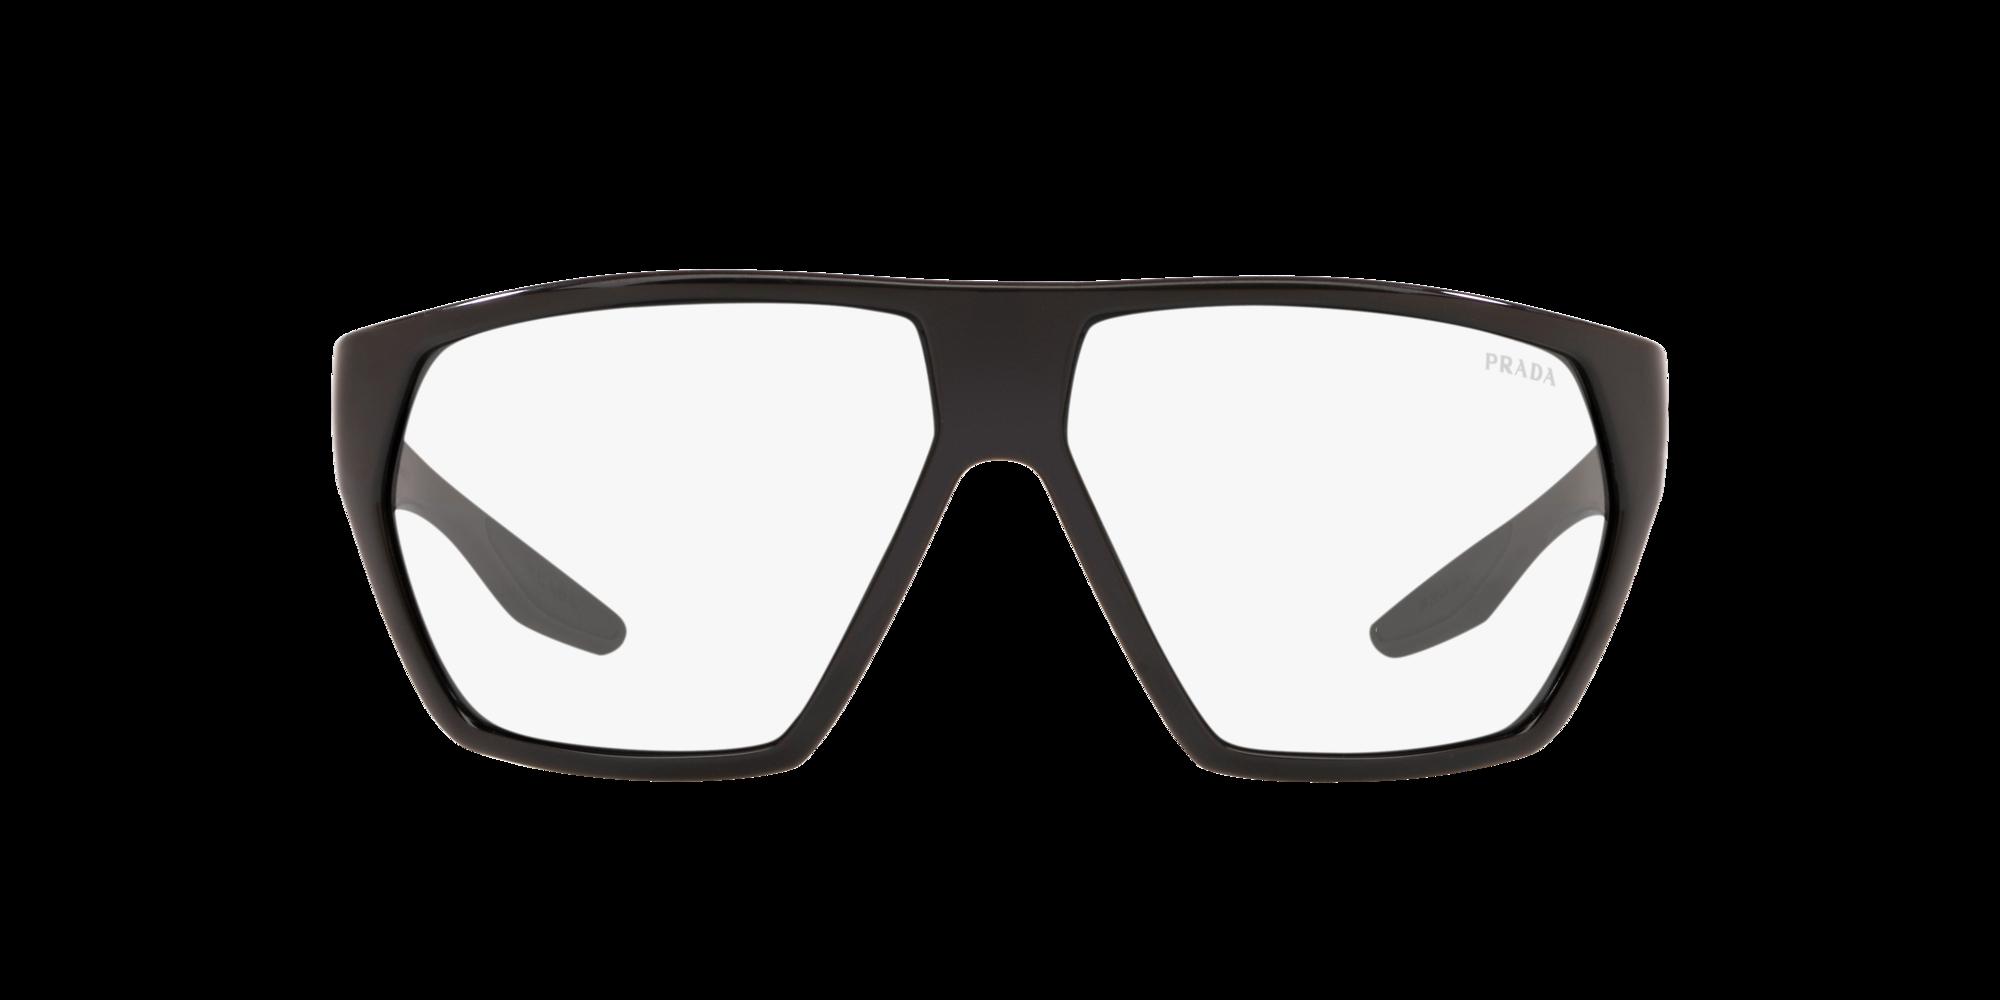 Imagen para PS 08US 67 ACTIVE de LensCrafters |  Espejuelos, espejuelos graduados en línea, gafas